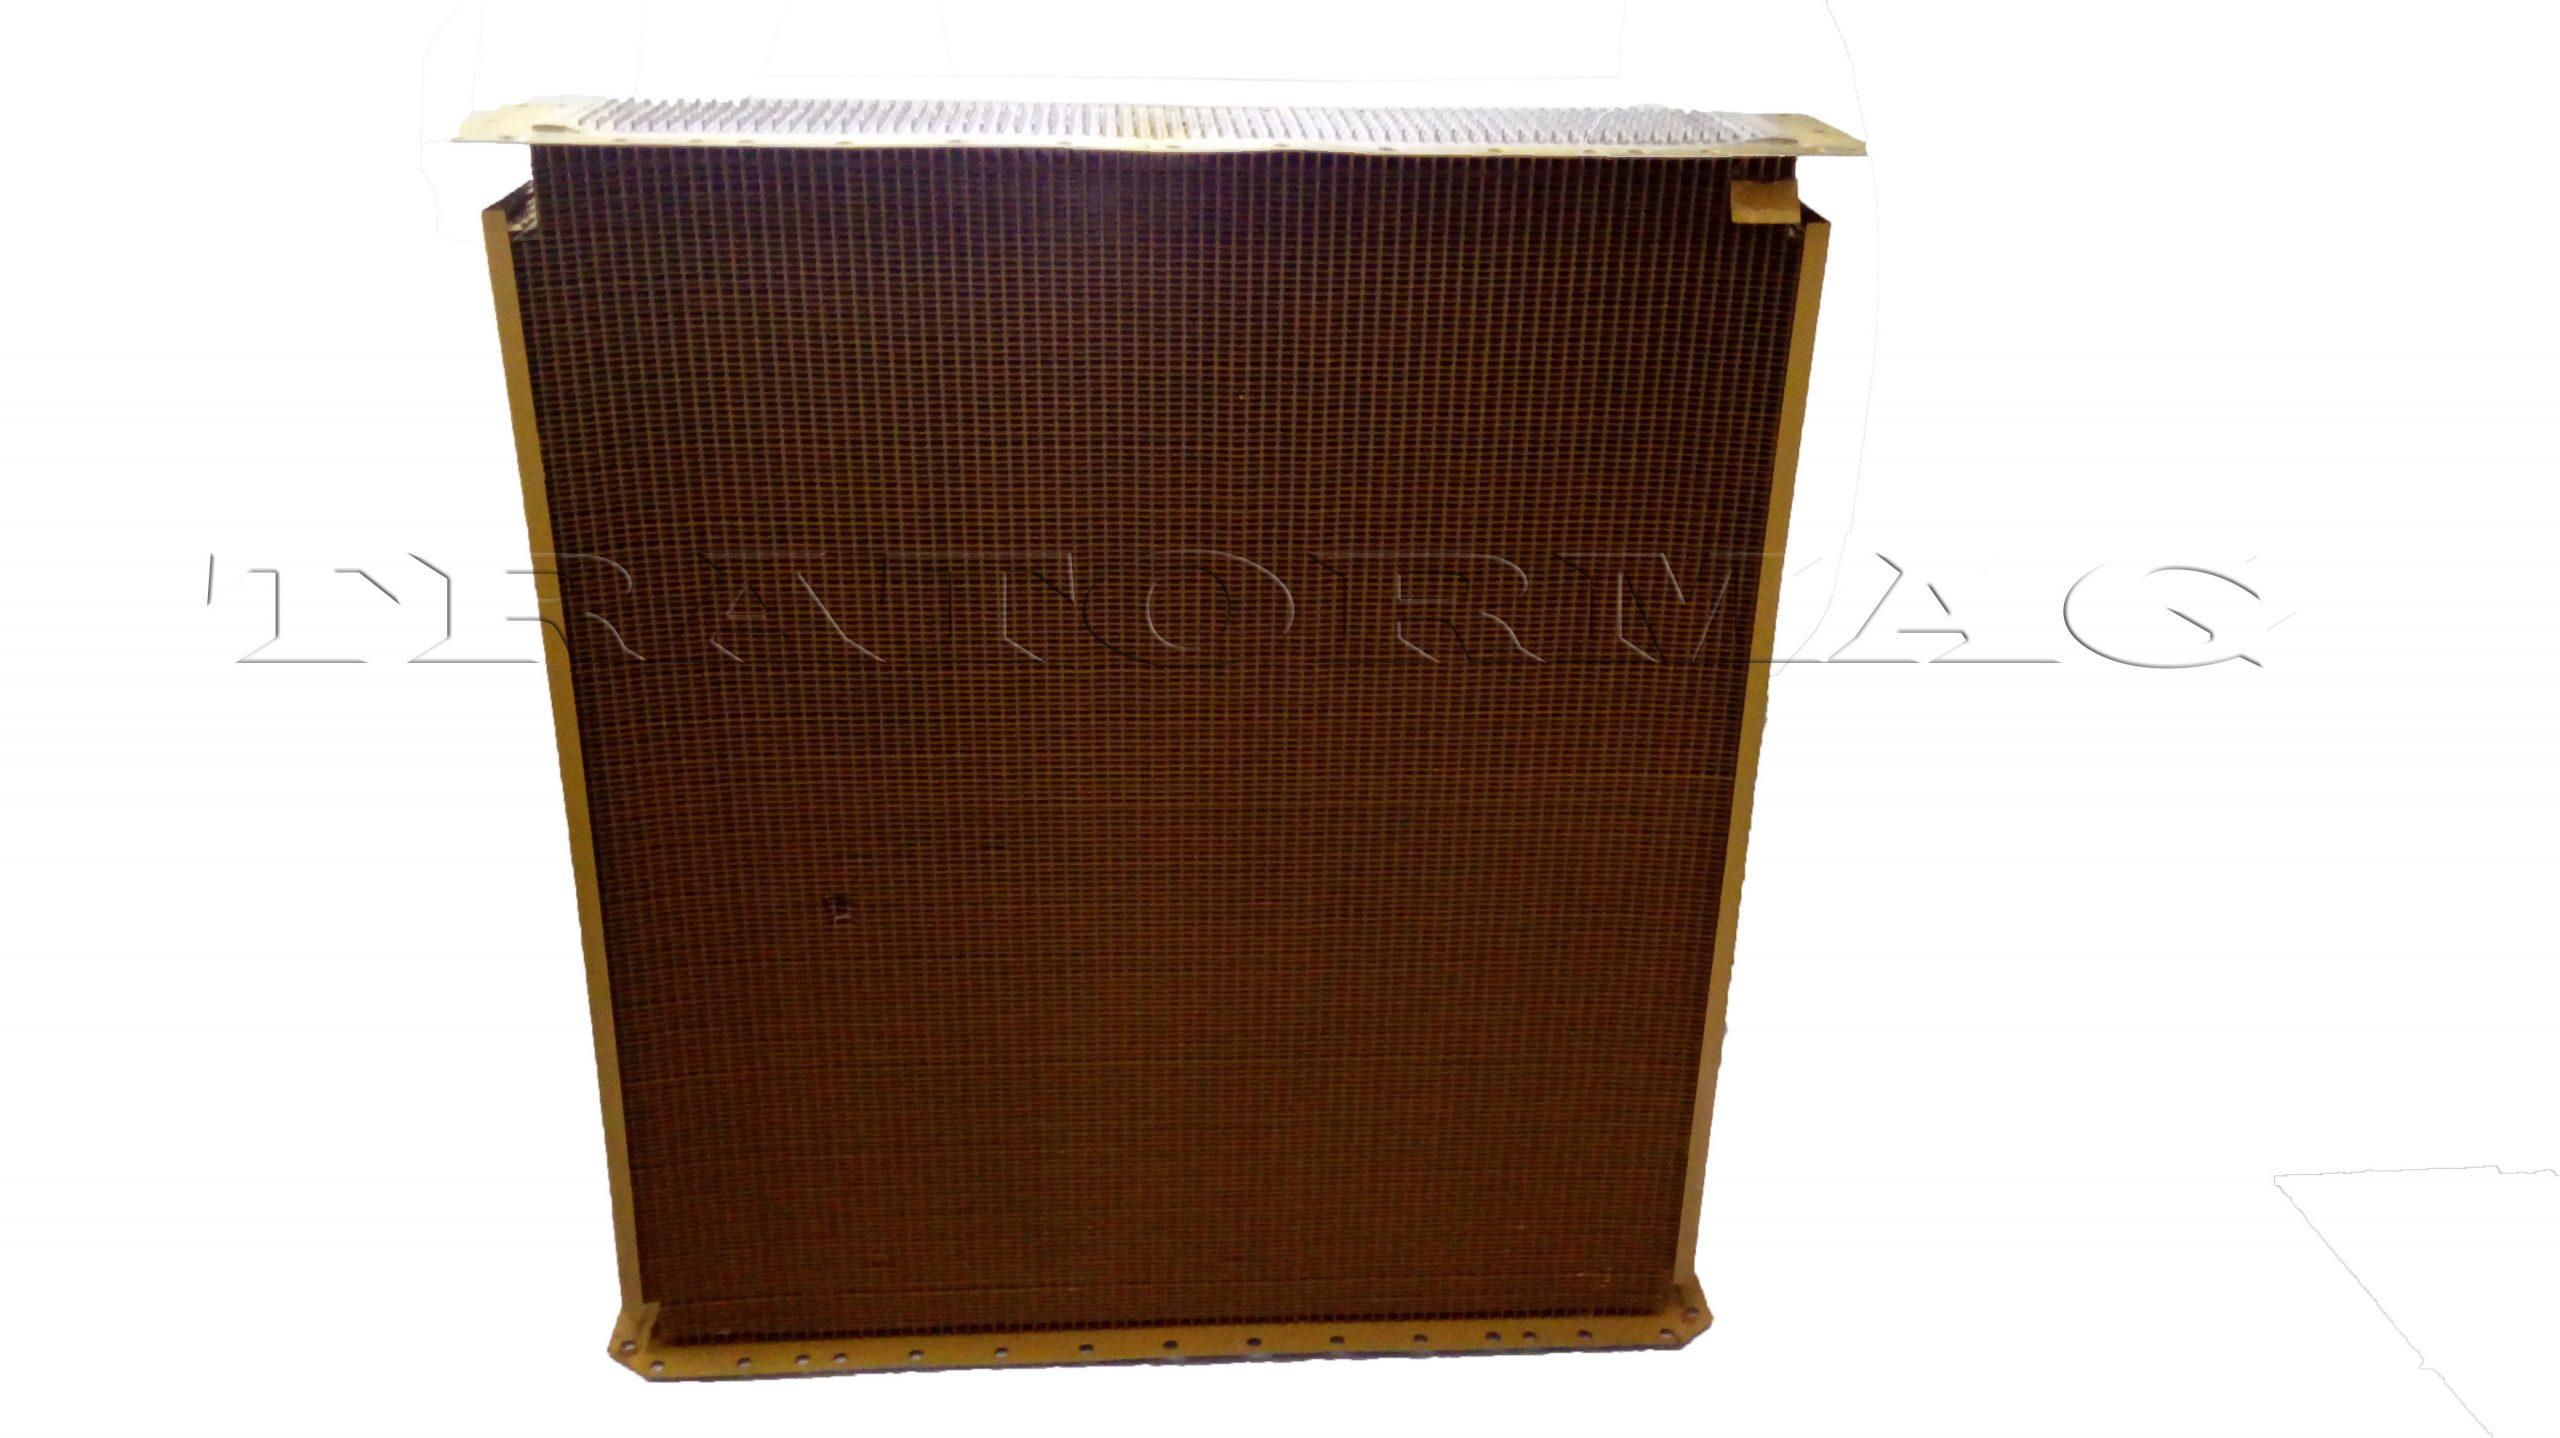 COLMEIA RADIADOR EM AÇO CATERPILAR D6D 882X802X6 FLORESTAL 4N6298